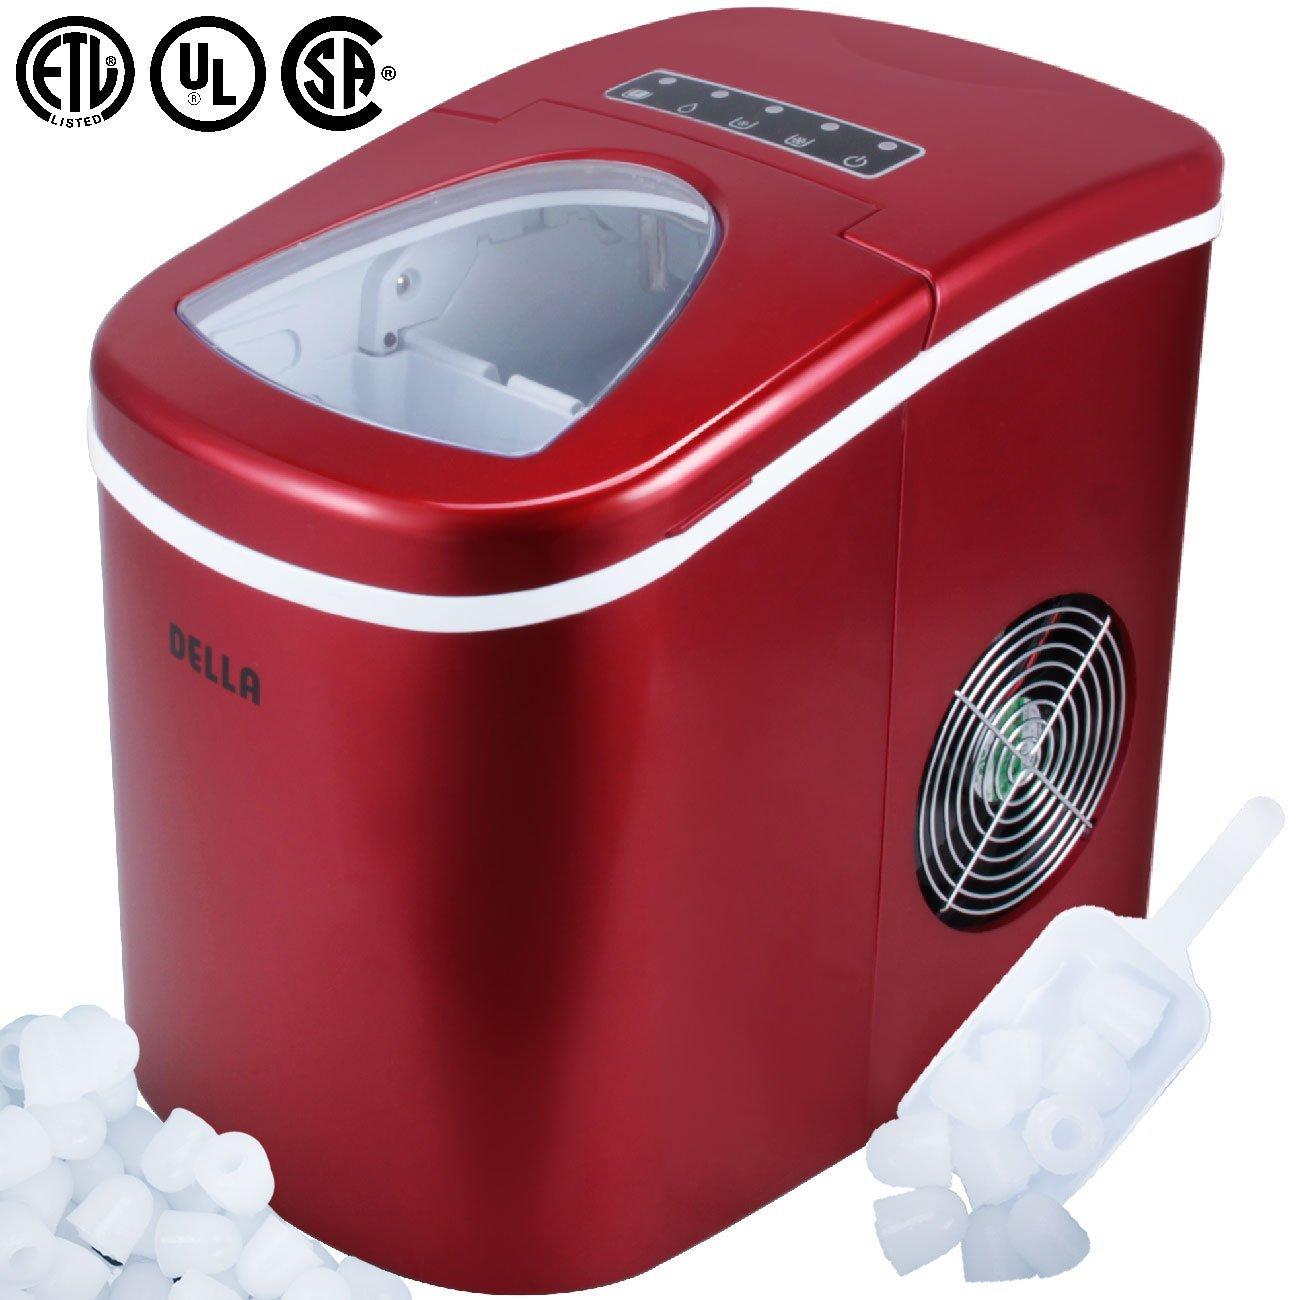 Della Portable Ice Maker